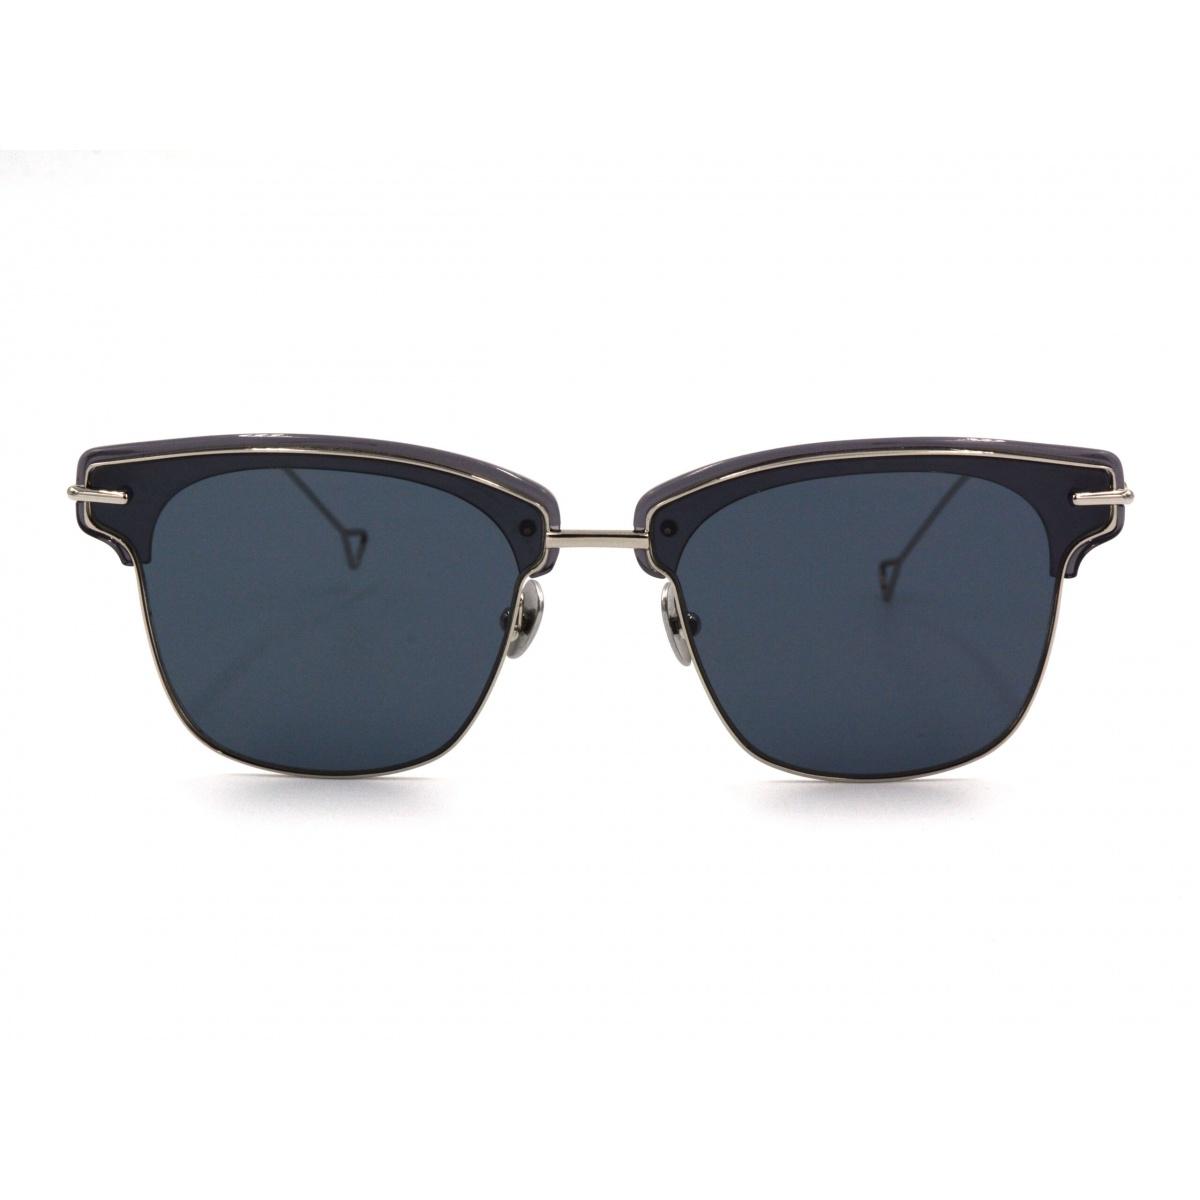 Γυαλιά ηλίου HAZE COLLECTION ALLEV 3BK 63-14